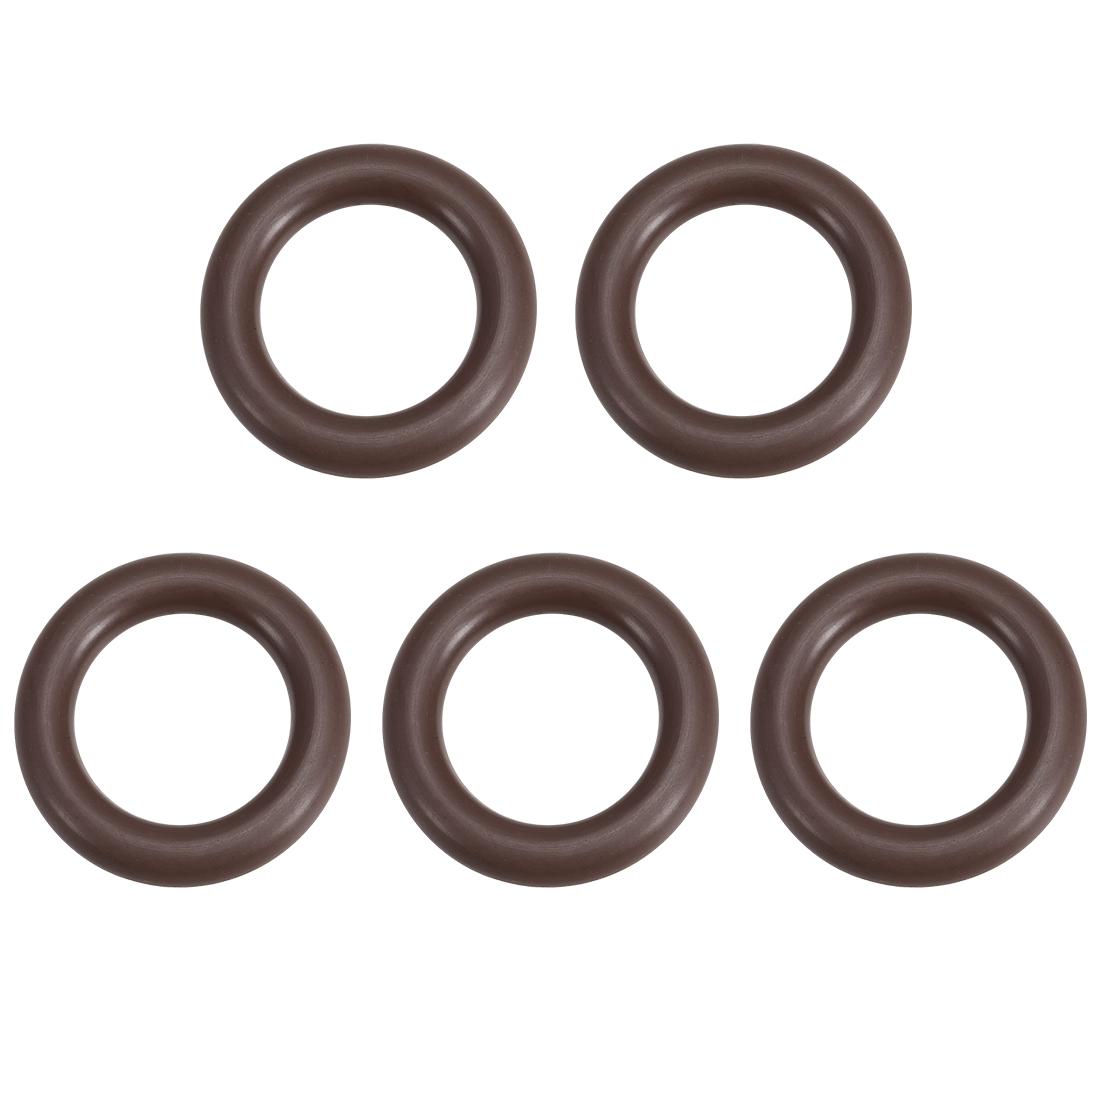 5x Fluorine Rubber O-Rings 24mm OD 14mm ID 5.3mm Width Metric FKM Sealing Gasket